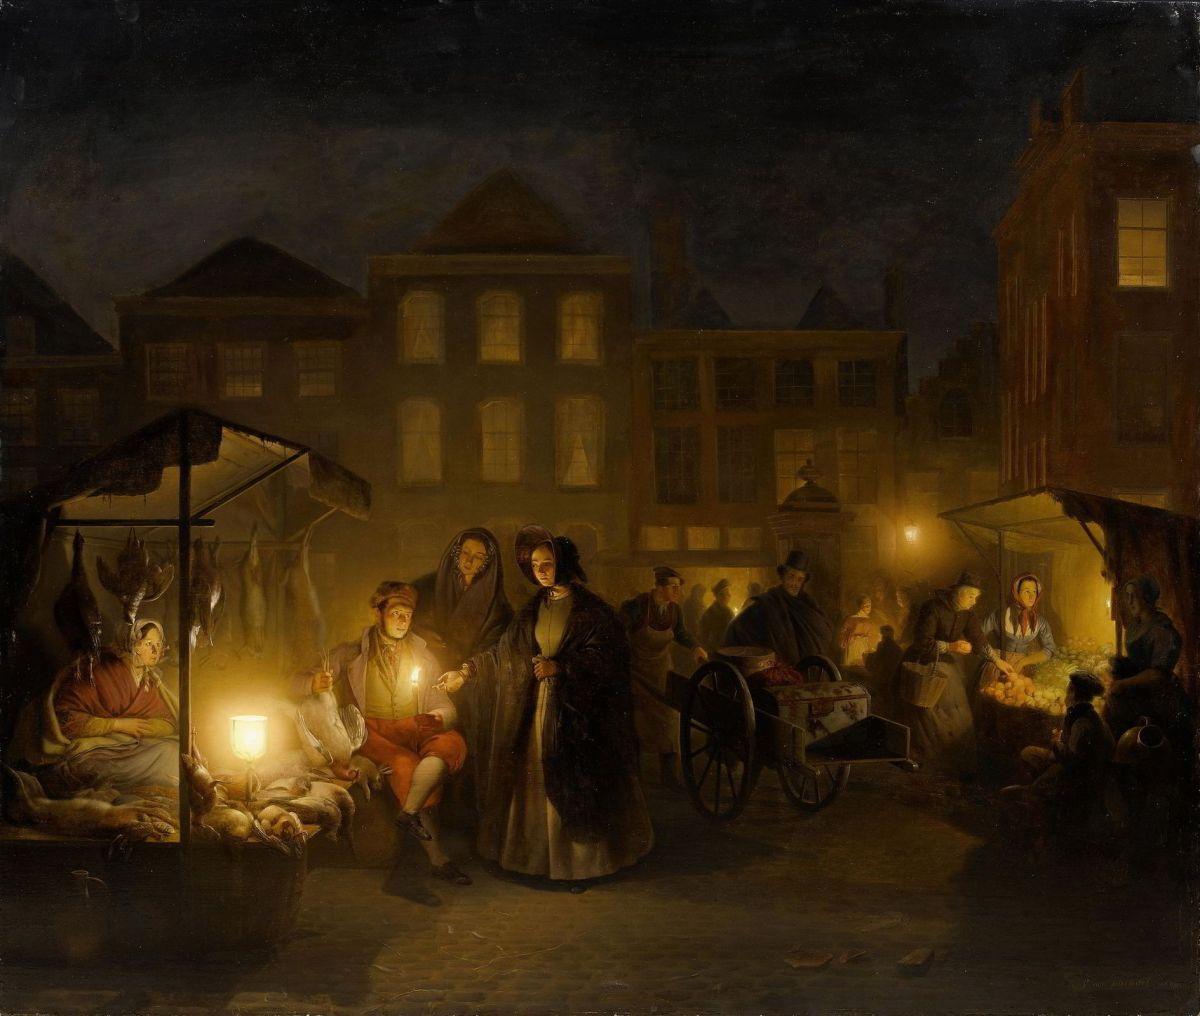 The Evening Market by Petrus Van Schendel